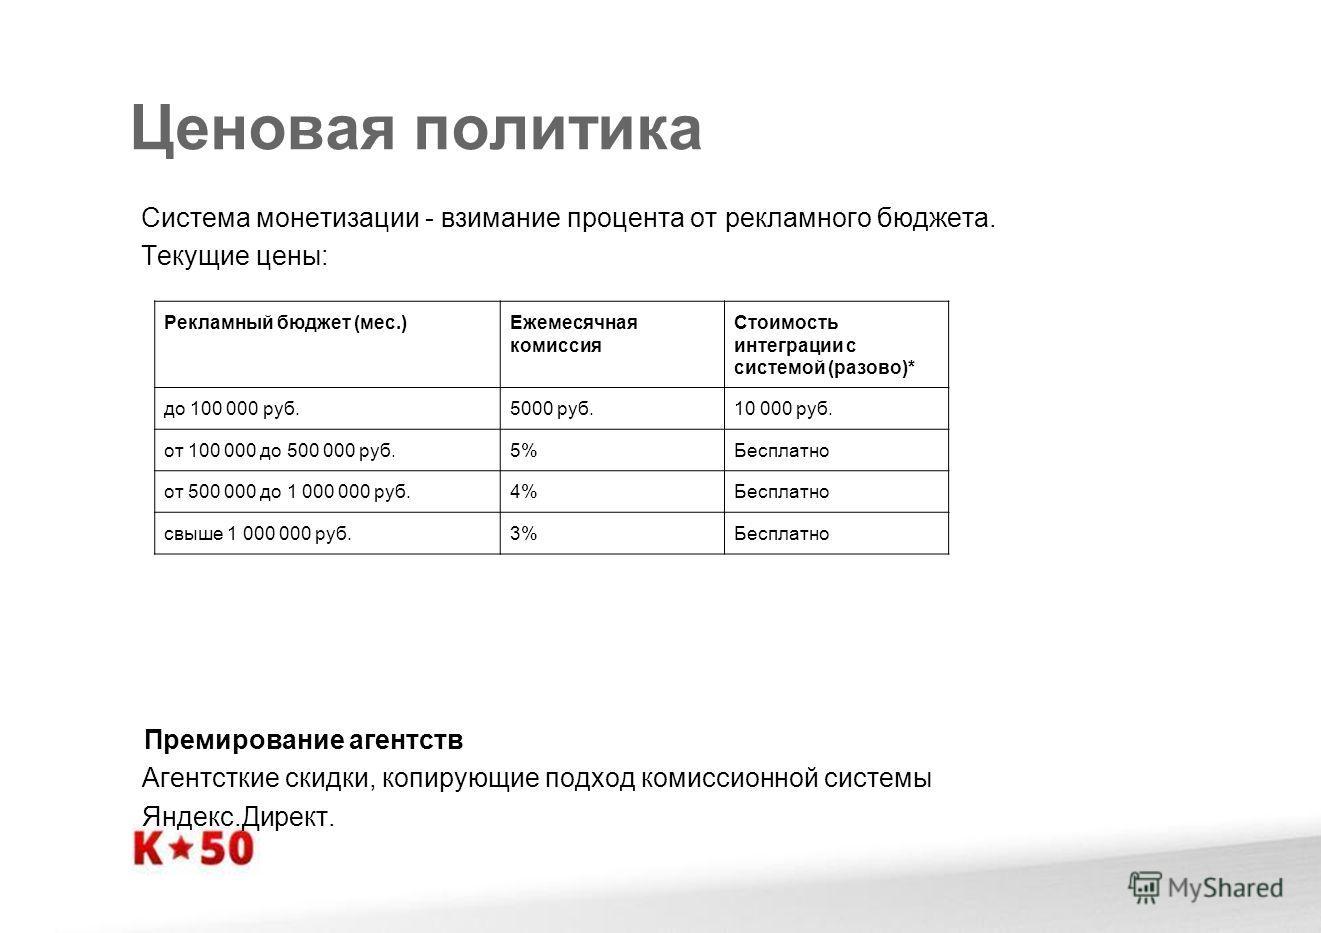 Ценовая политика Система монетизации - взимание процента от рекламного бюджета. Текущие цены: Премирование агентств Агентсткие скидки, копирующие подход комиссионной системы Яндекс.Директ. Рекламный бюджет (мес.)Ежемесячная комиссия Стоимость интегра